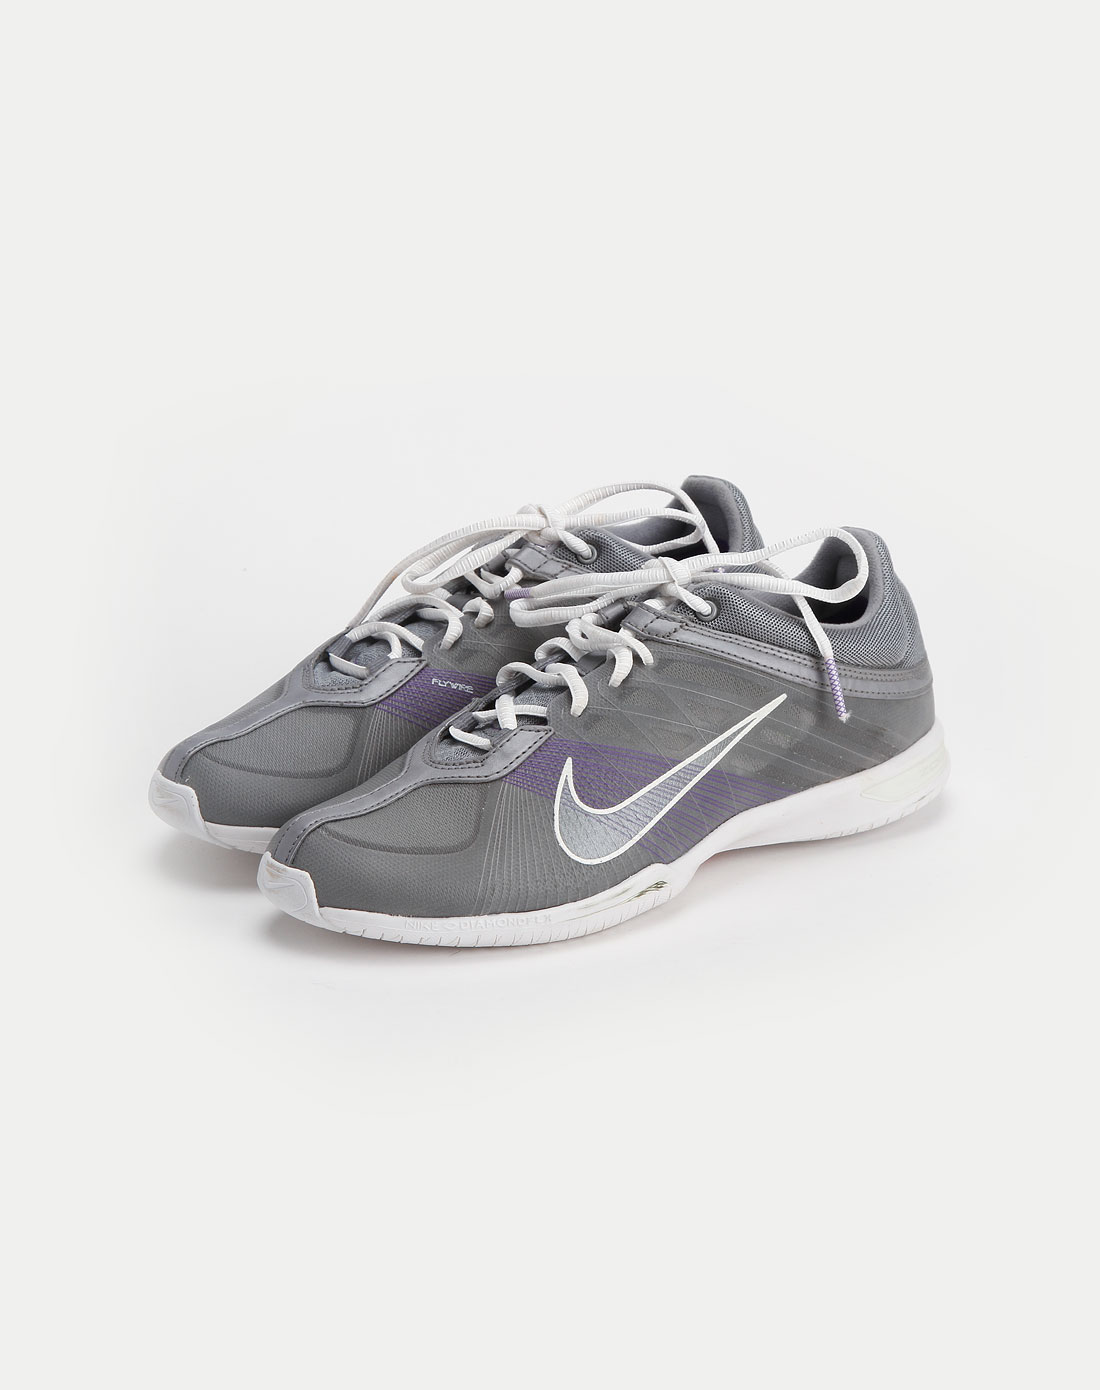 灰色时尚系带运动鞋_耐克nike-女装专场特价2.5-4